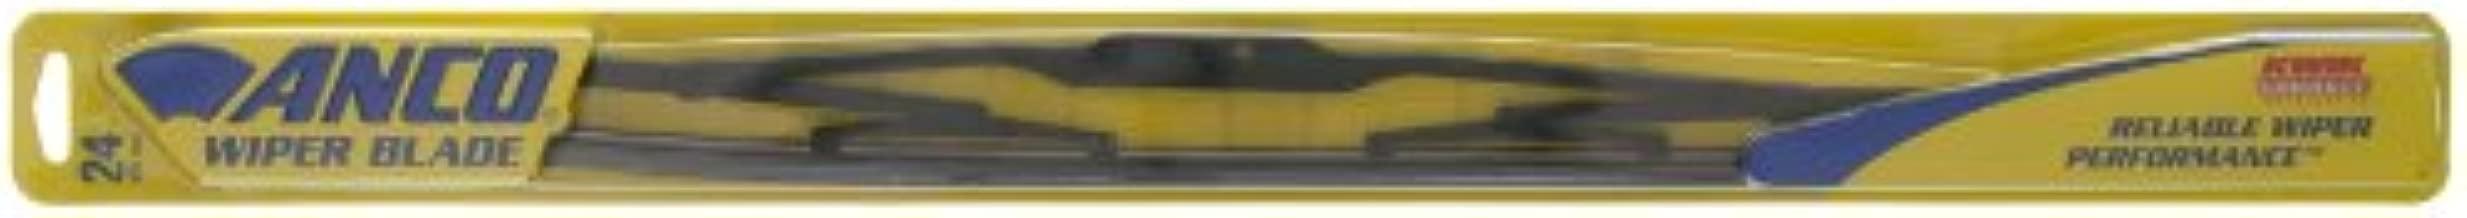 ANCO 31-Series 31-24 Wiper Blade - 24